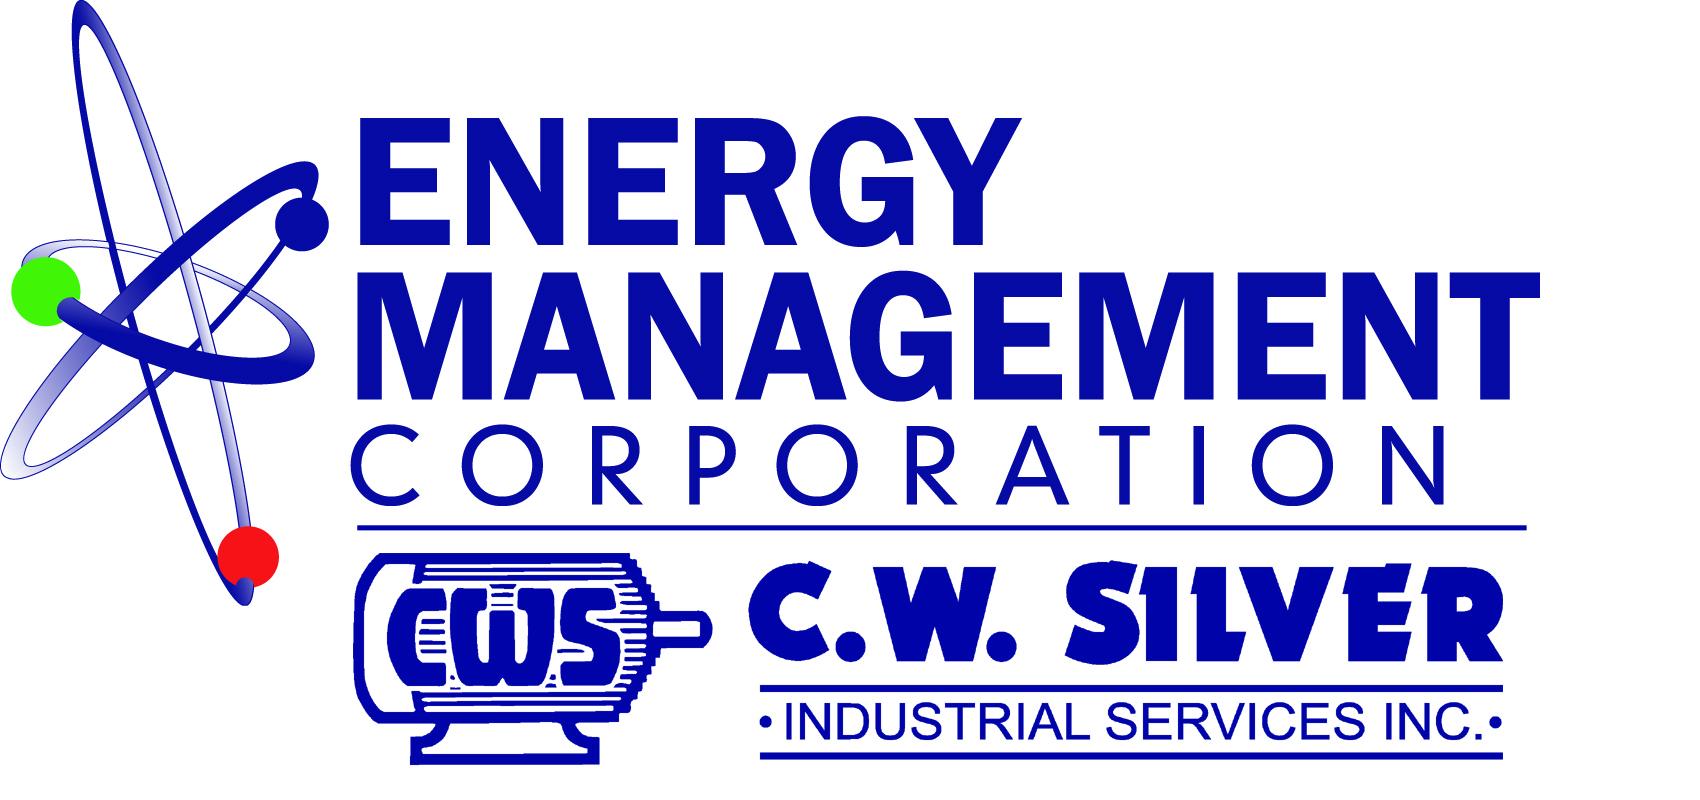 distributor_logo/EMC.jpg